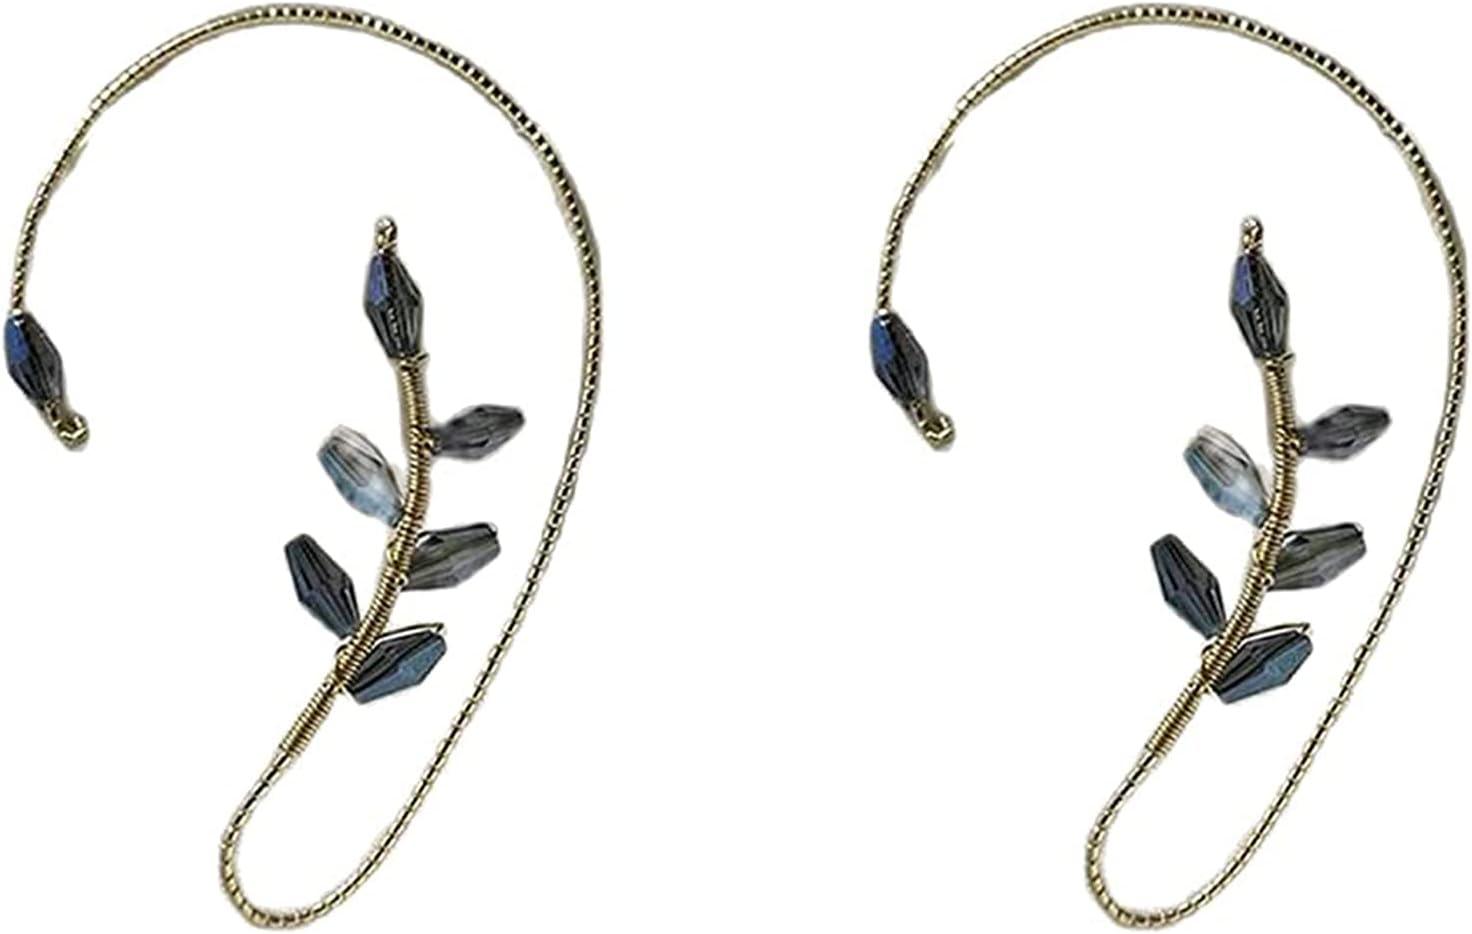 CERISIAANN 1 Pair Vintage Ear Cuff Earrings, Elegant Crystal Pearl Design Earrings, Women Fashion Beading Ear Hook Non-Piercing Ear Wrap for Women and Girls